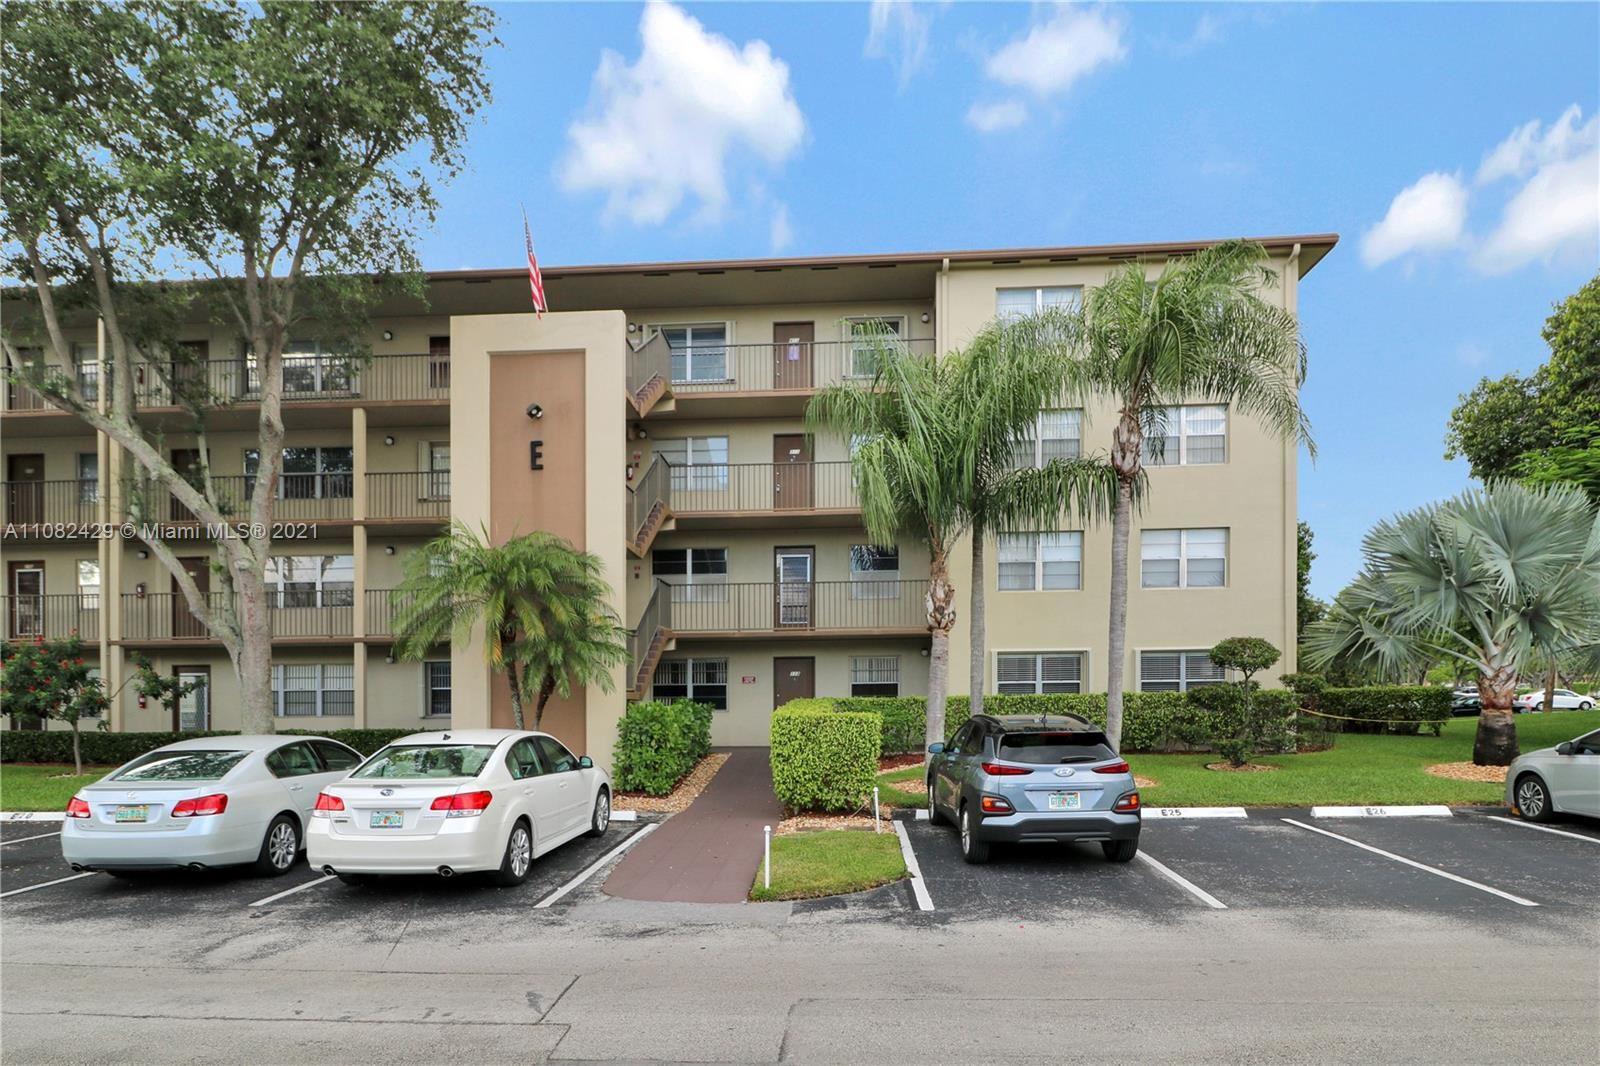 300 SW 134th Way #214E, Pembroke Pines, FL 33027 - #: A11082429